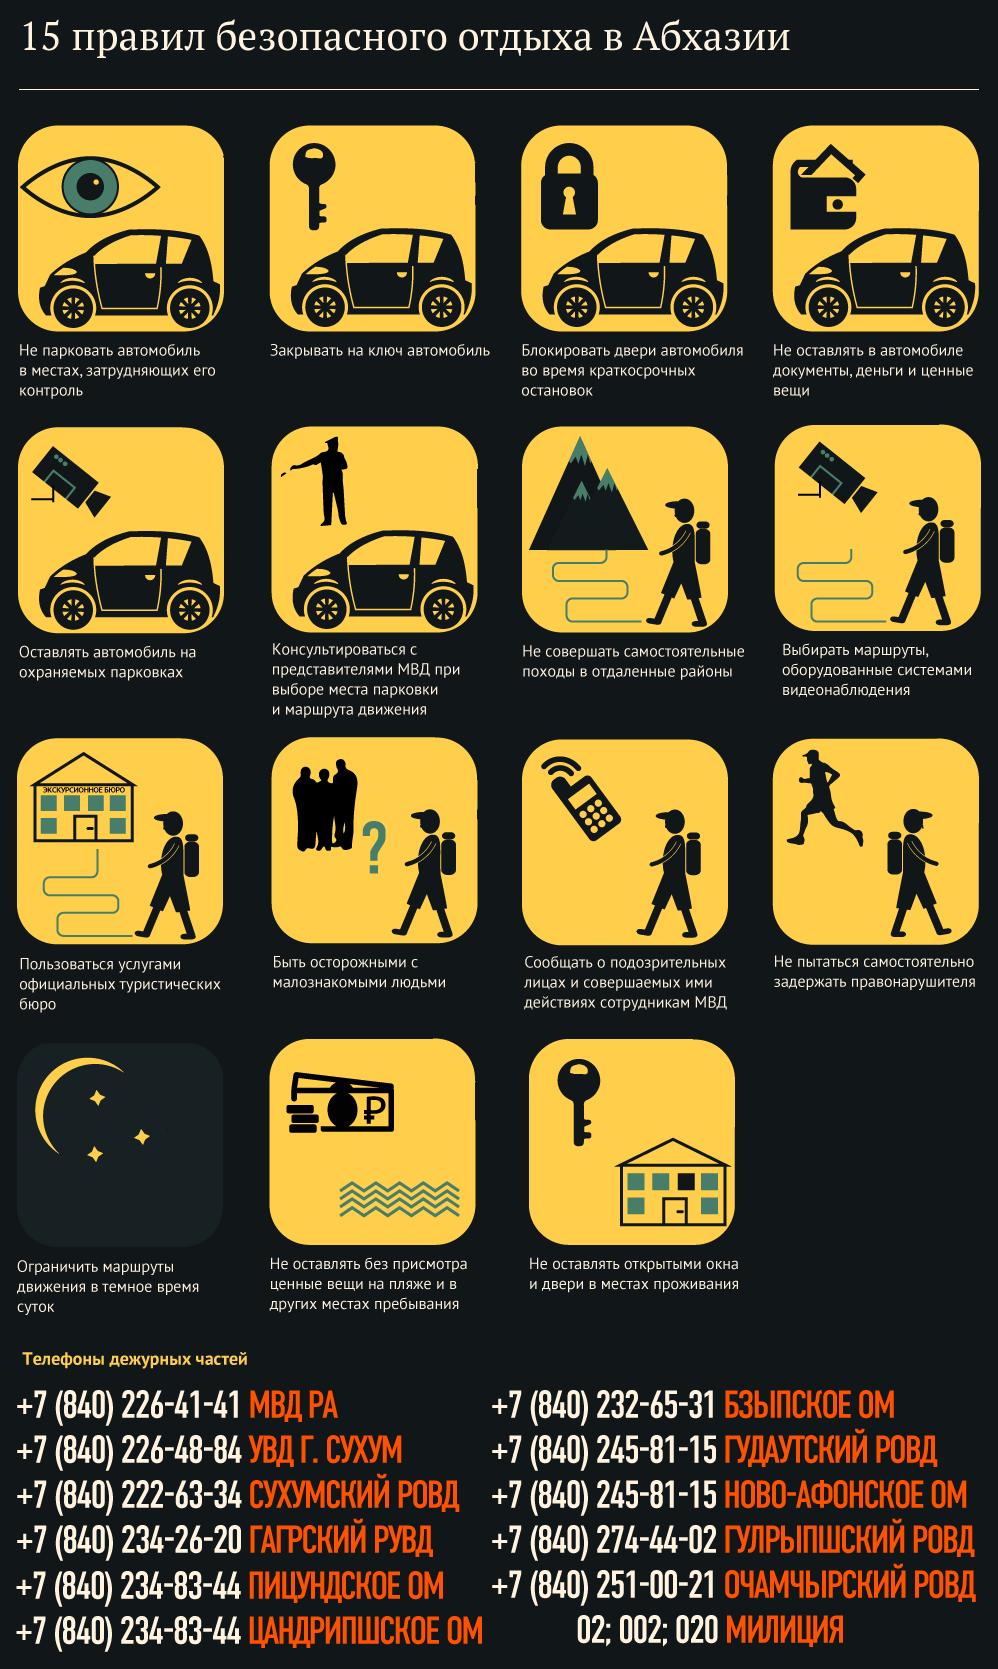 15 правил безопасного отдыха в Абхазии